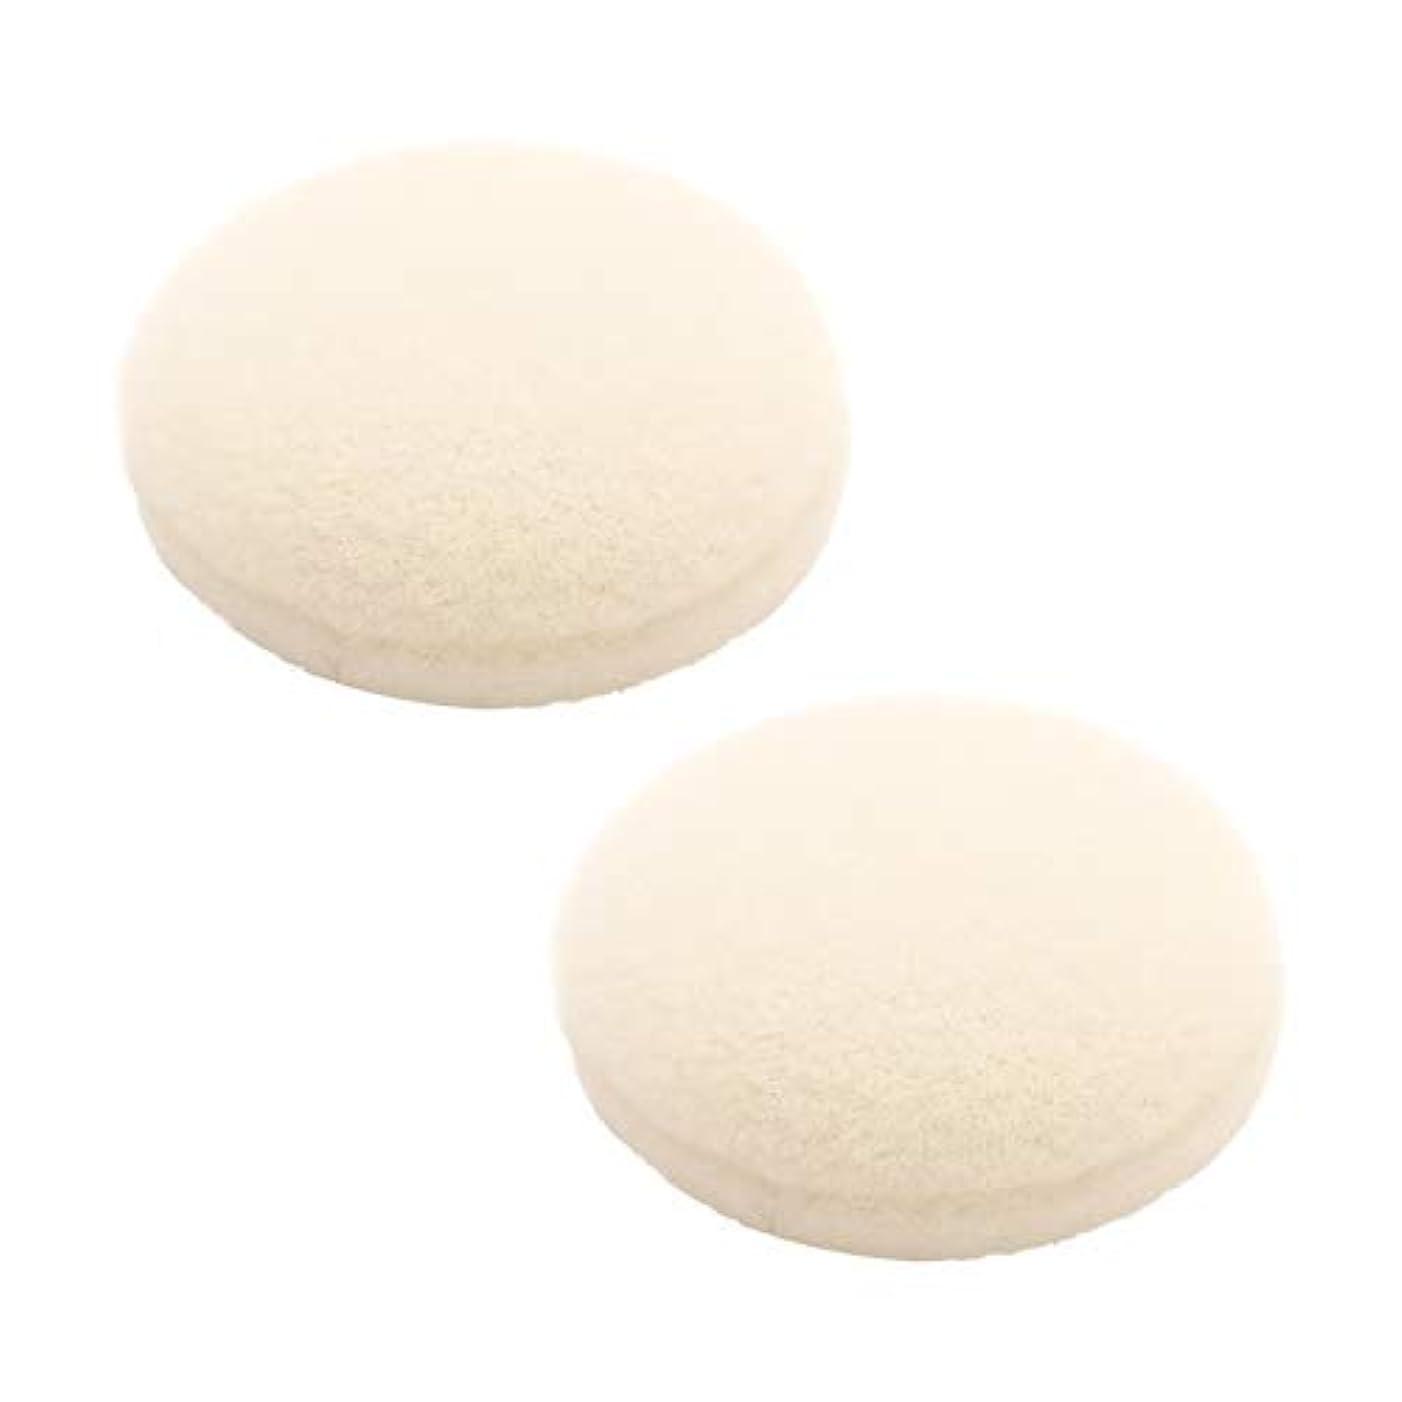 異形も注入ETVOS(エトヴォス) ポンポンミネラルチーク専用替えパフ(2枚セット) 直径3.5cm 洗い替え 綿ビロード(綿天)